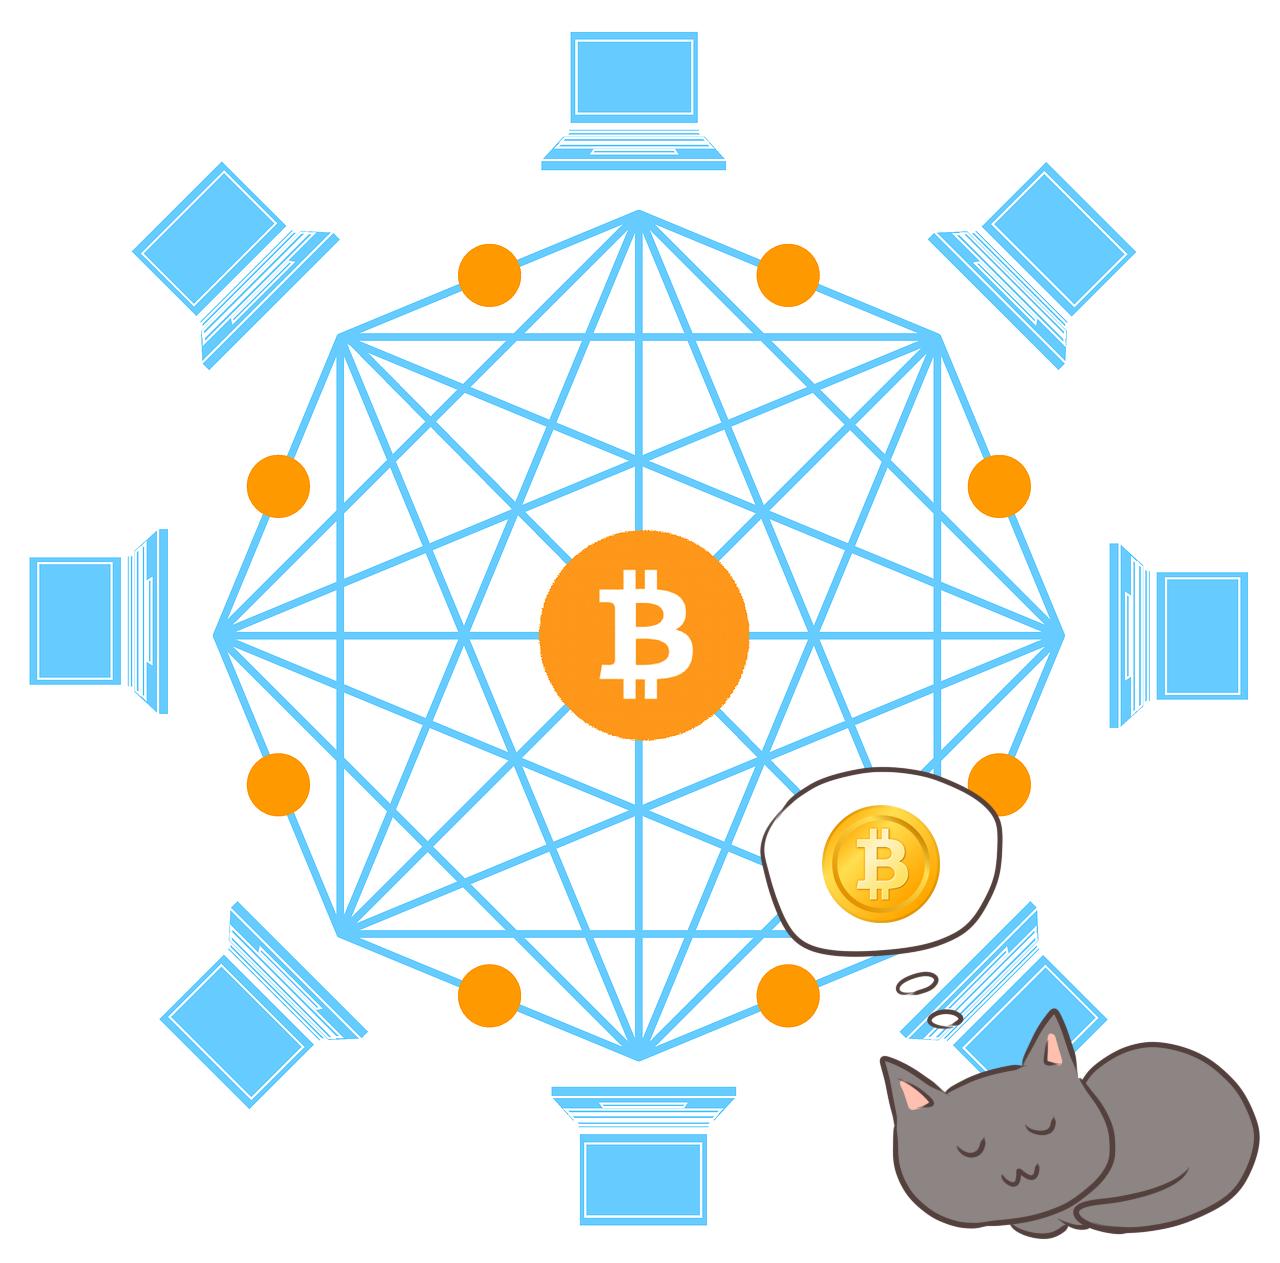 猫でもわかるビットコイン